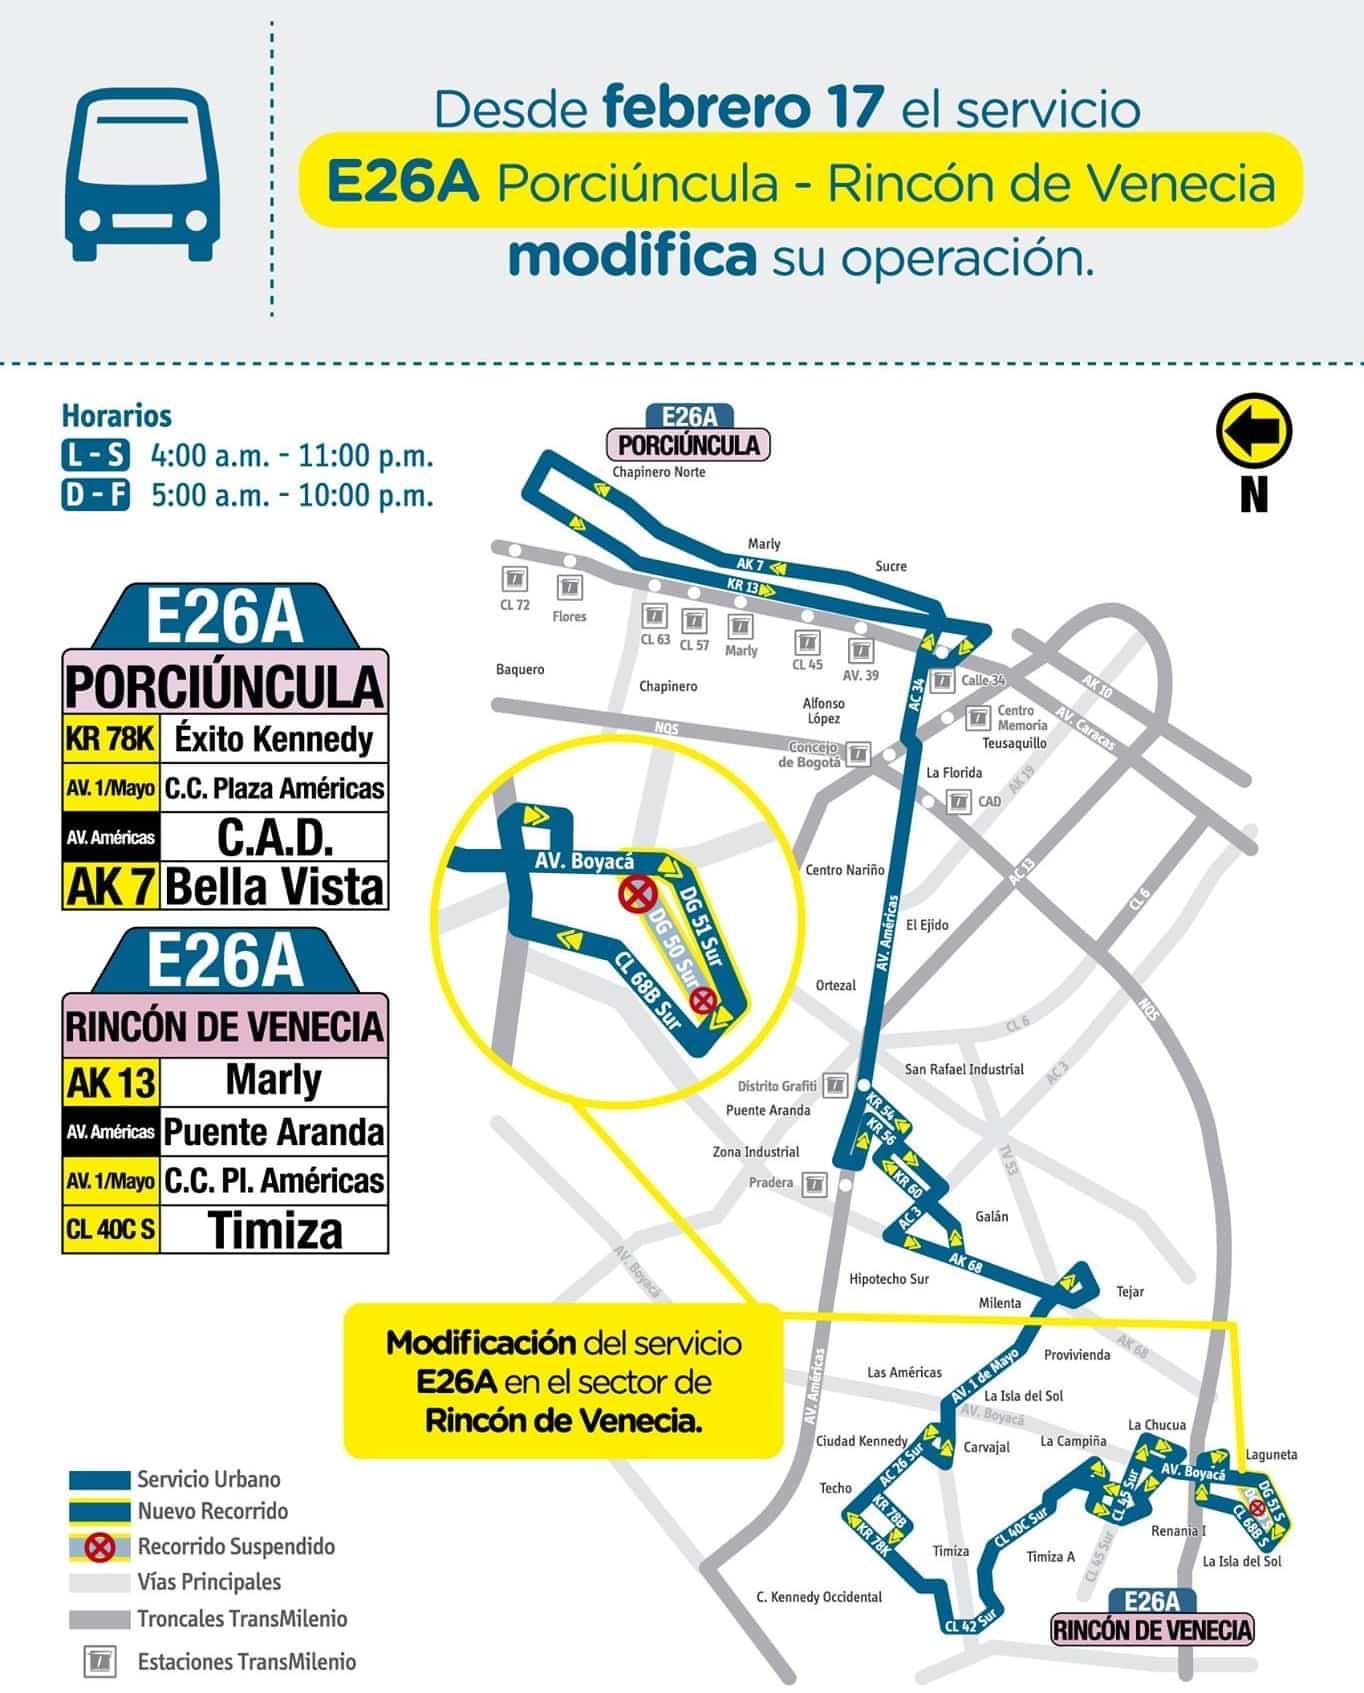 Mapa de la ruta E26A desde el 17 de febrero de 2020